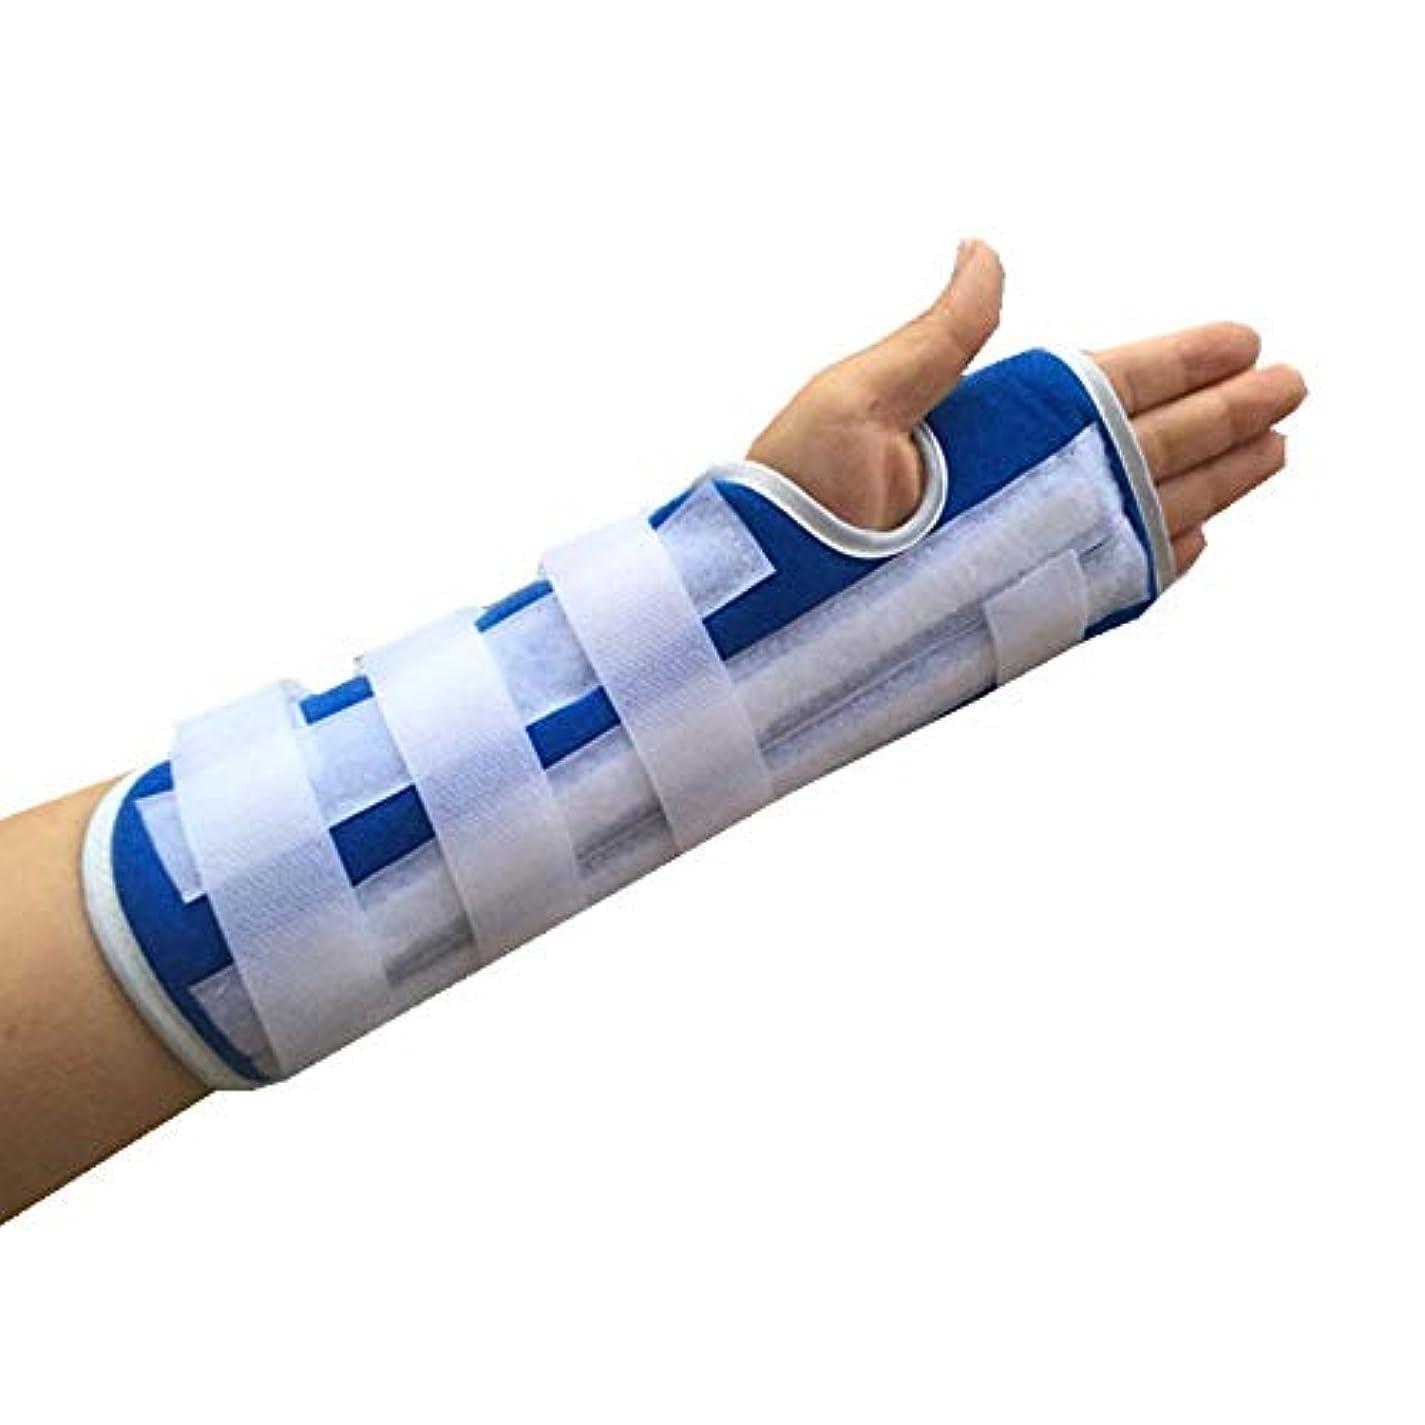 一口液化する確保するZYL-YL プレート固定と前腕スーパー関節サポート手首プロテクター前腕脛骨スプリントサポート手首捻挫骨折 (Edition : Left)